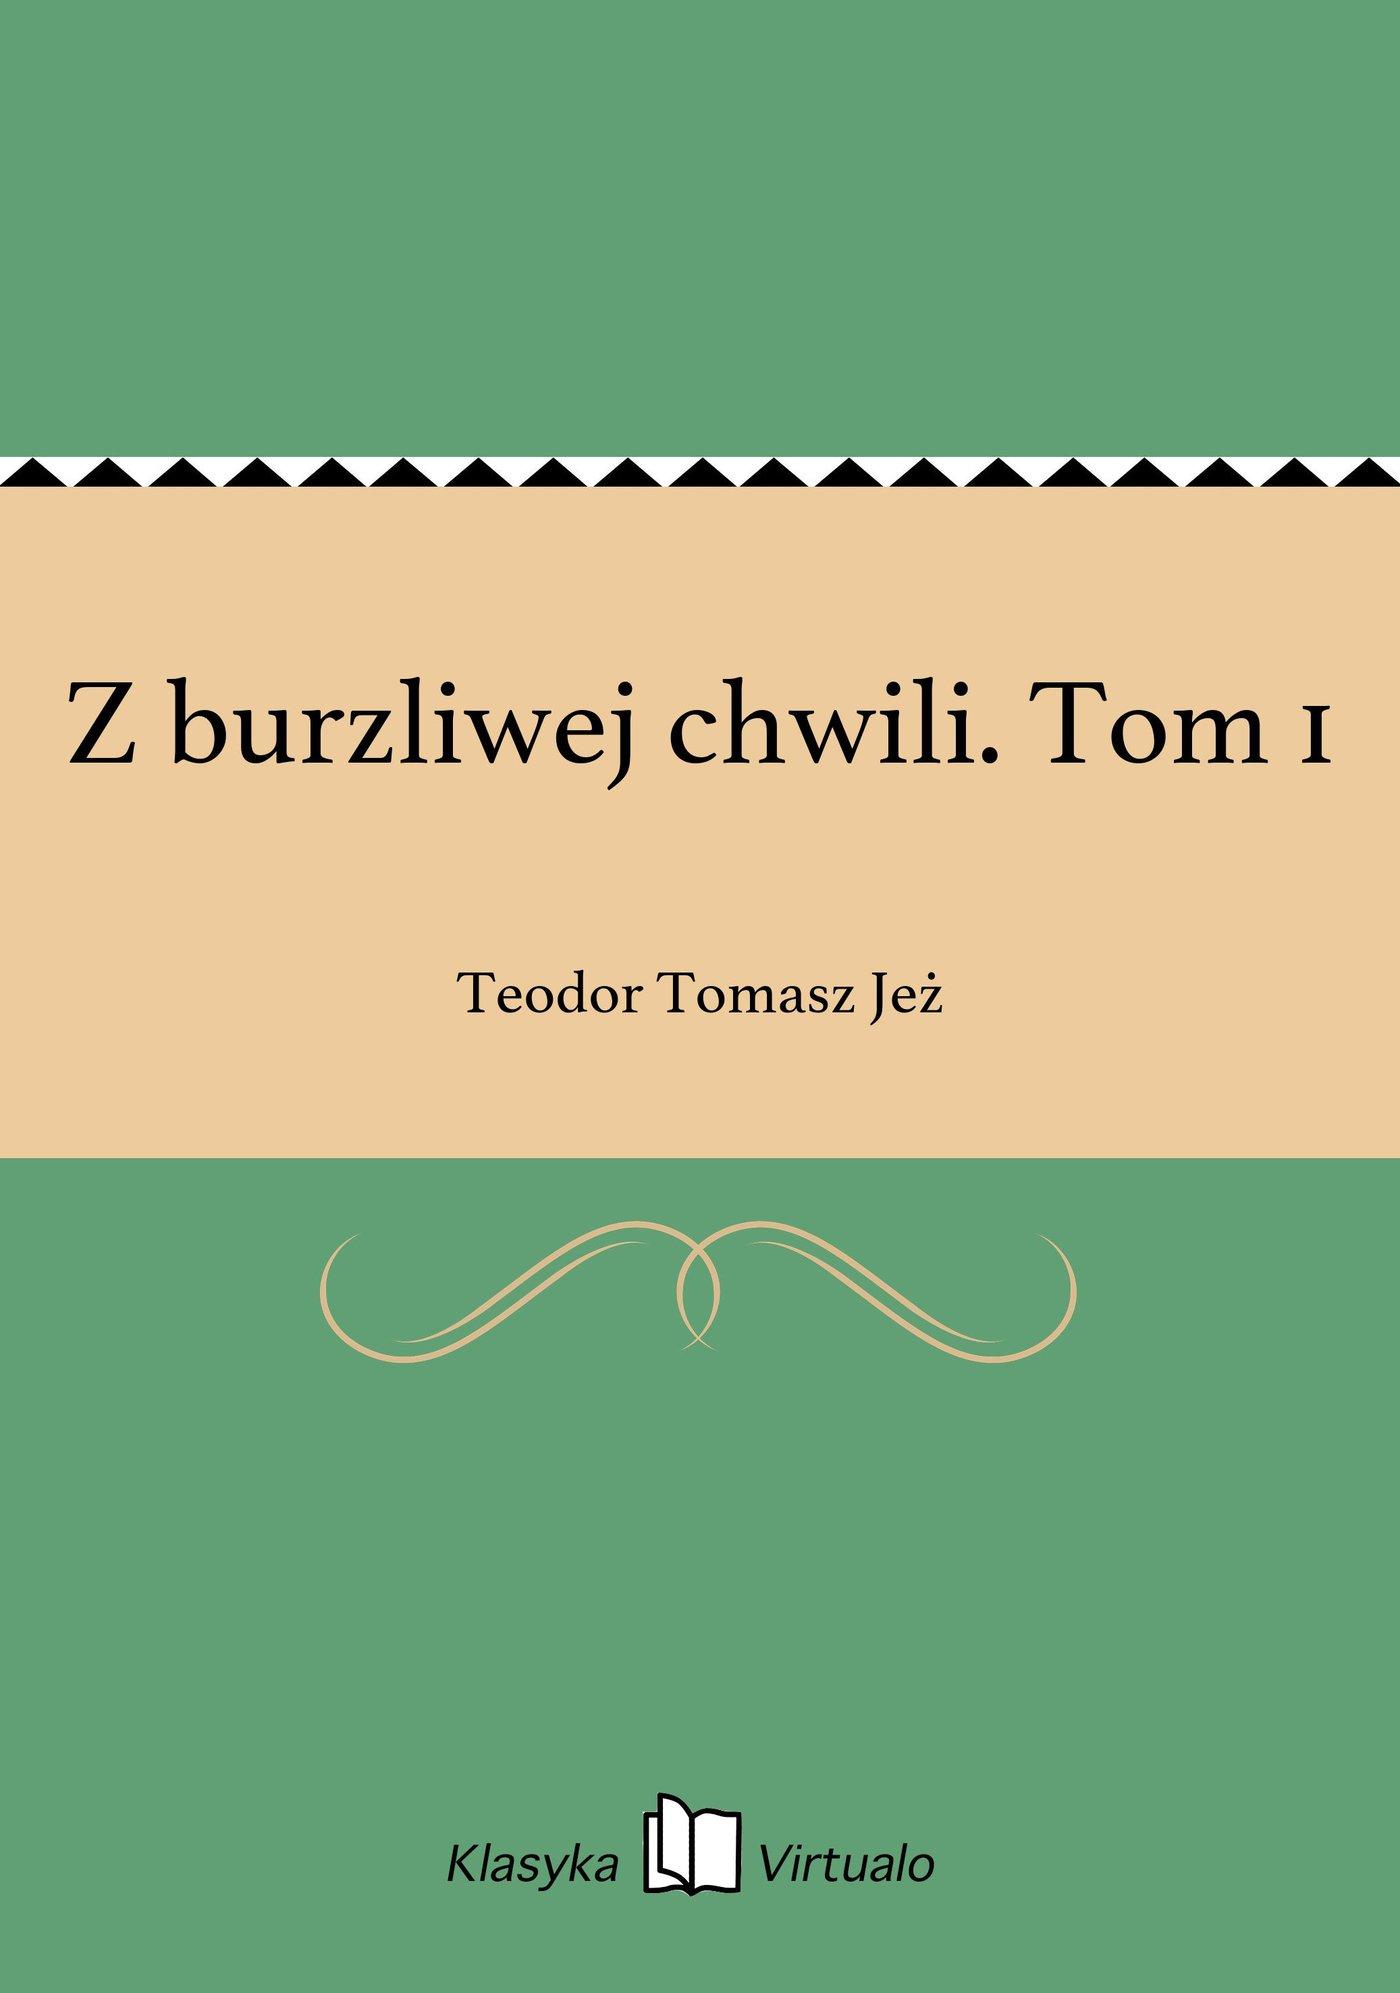 Z burzliwej chwili. Tom 1 - Ebook (Książka EPUB) do pobrania w formacie EPUB